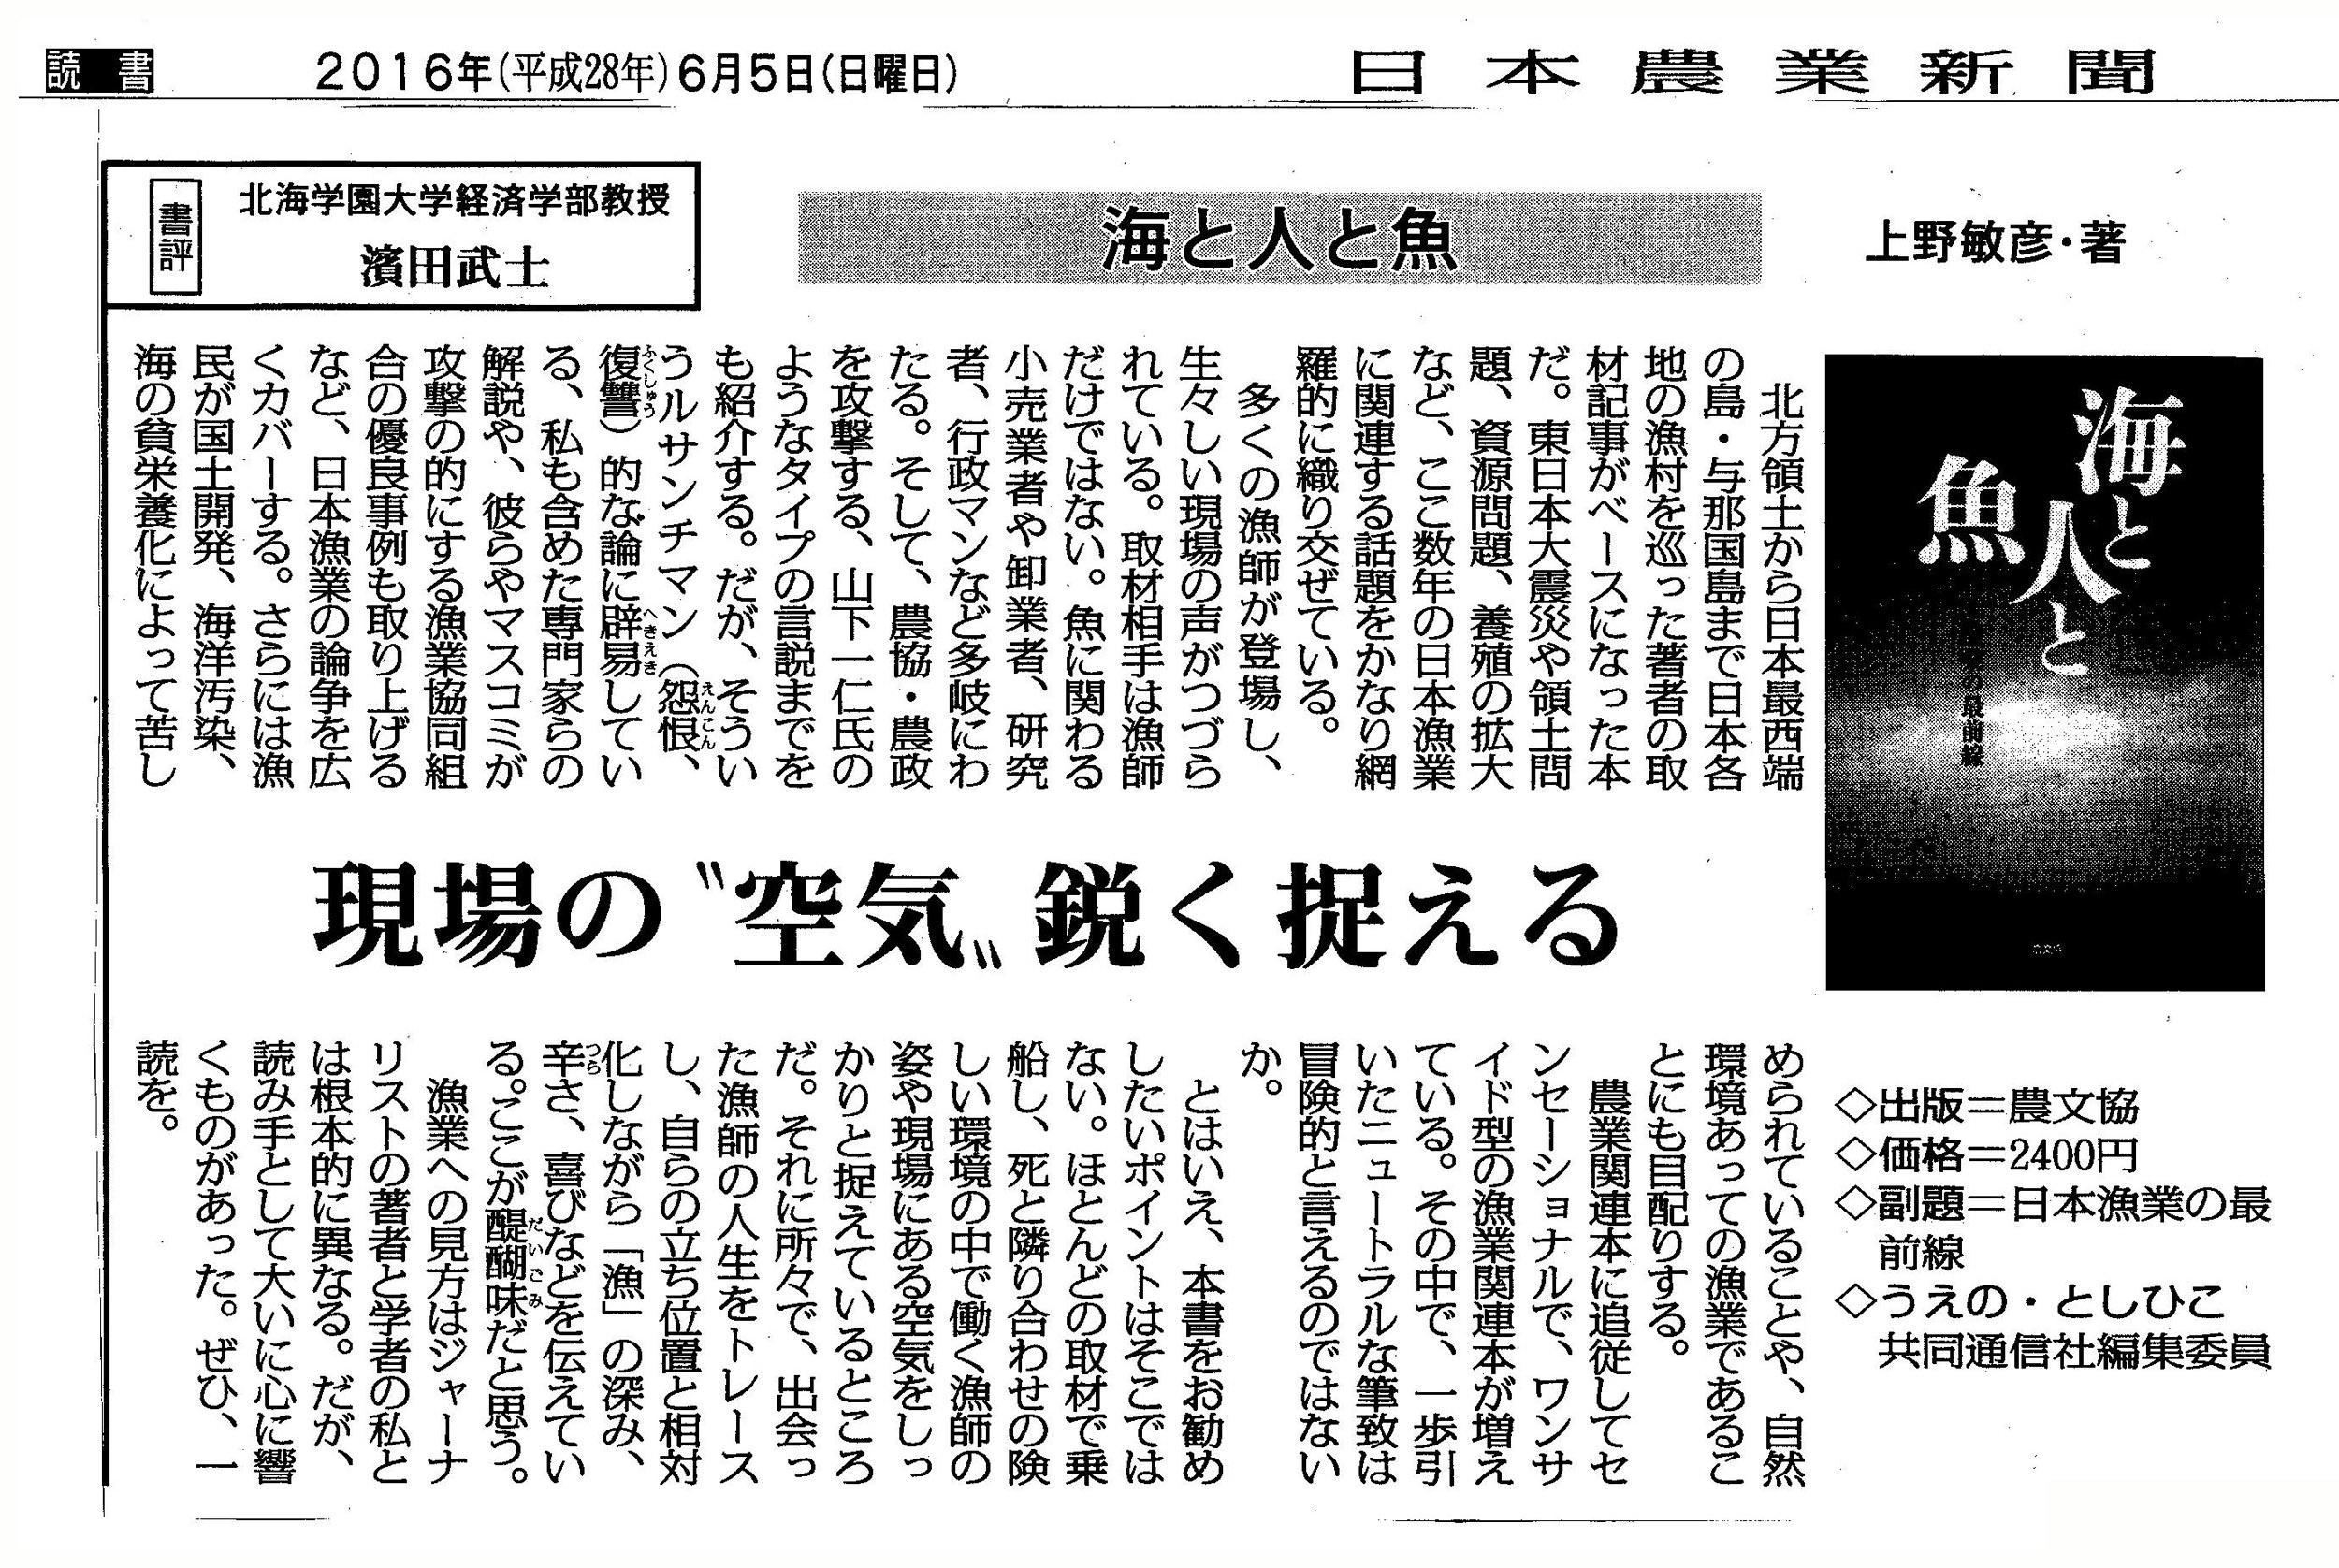 2016.6.5 日本農業新聞書評